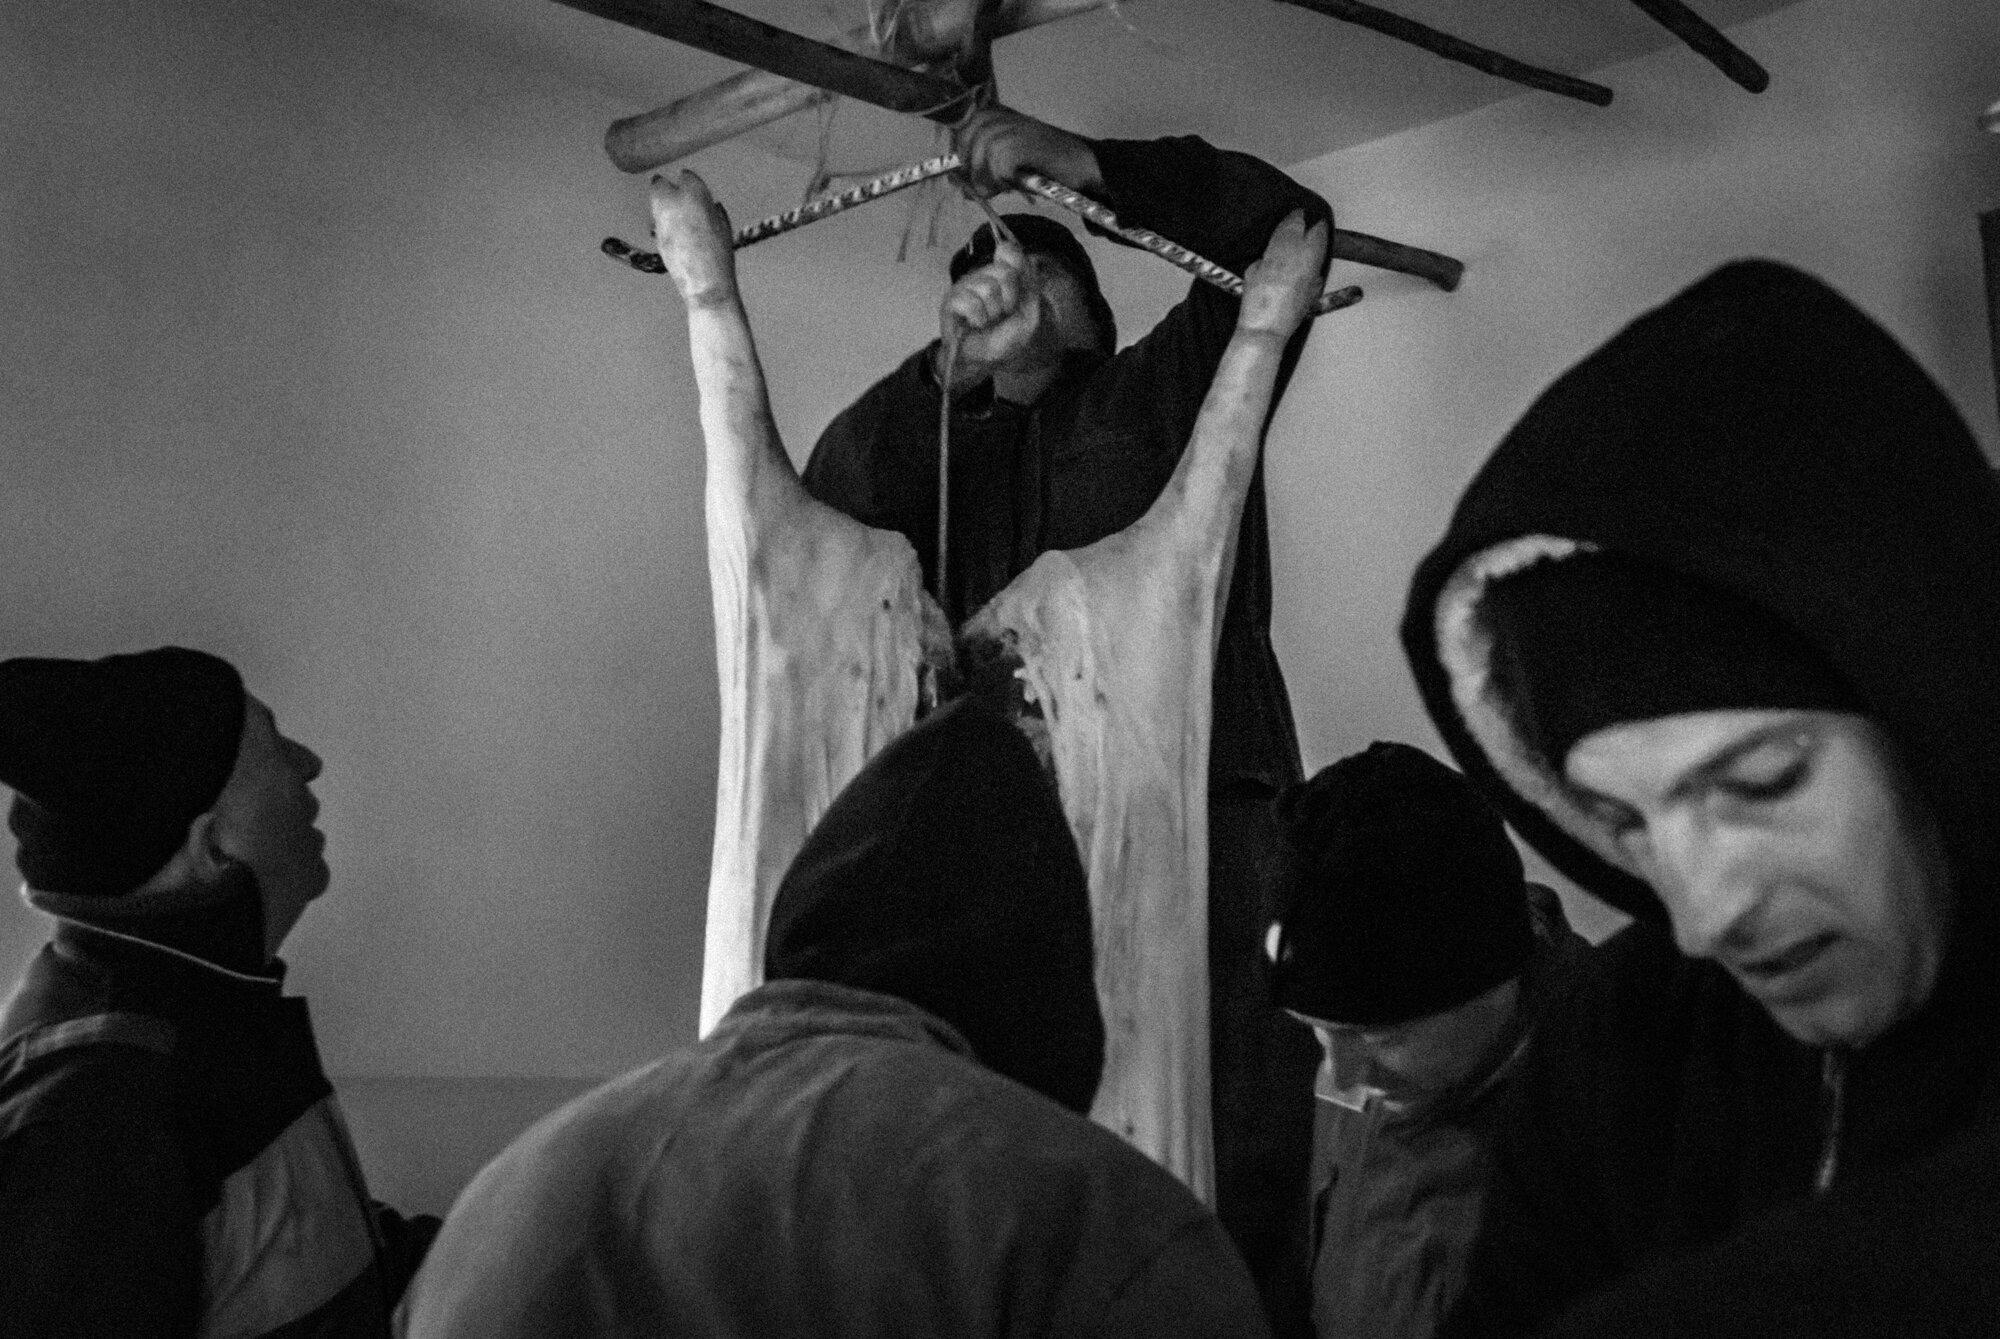 """I    """"riti del maiale""""   , in una terra segnata in passato dai lunghi e rigidi inverni, sono quanto di più suggestivo e potente si possa osservare al giorno d'oggi come derivazione di una storia di sussistenza che da sempre ha contraddistinto le zone montuose dell'appennino italiano.  ©Giuseppe Nucci"""